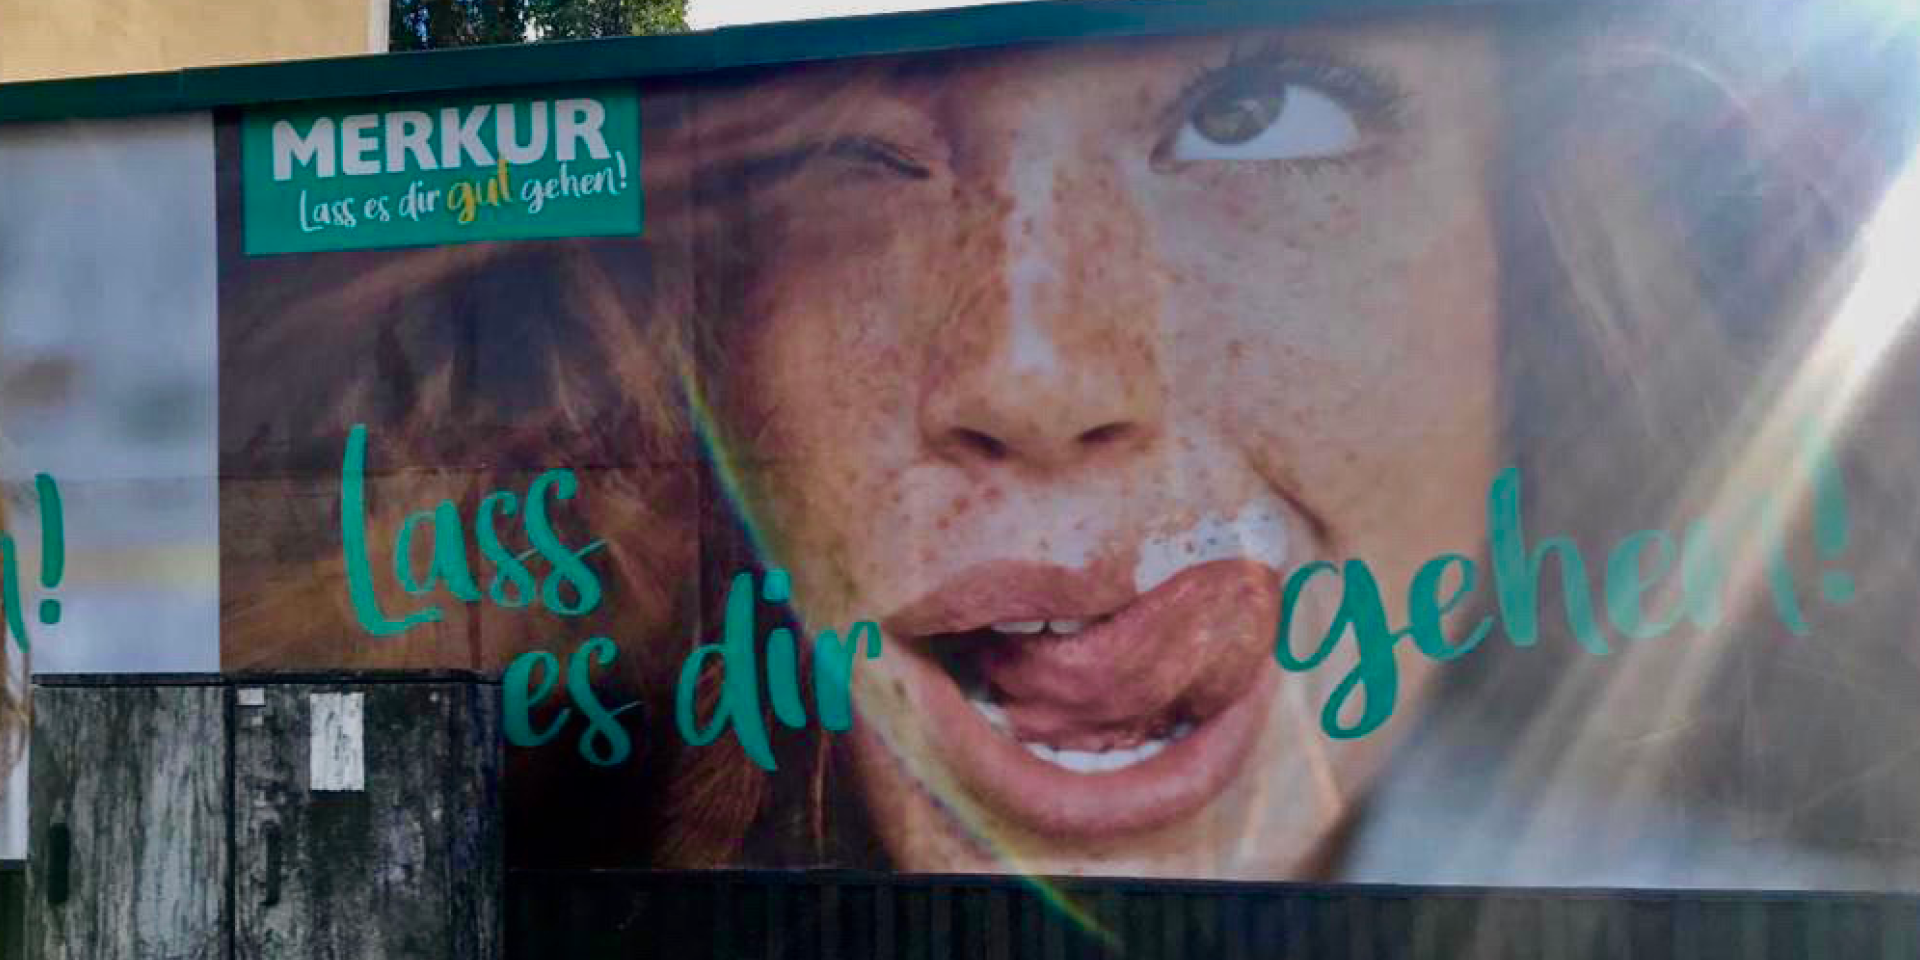 Merkur Kampagne